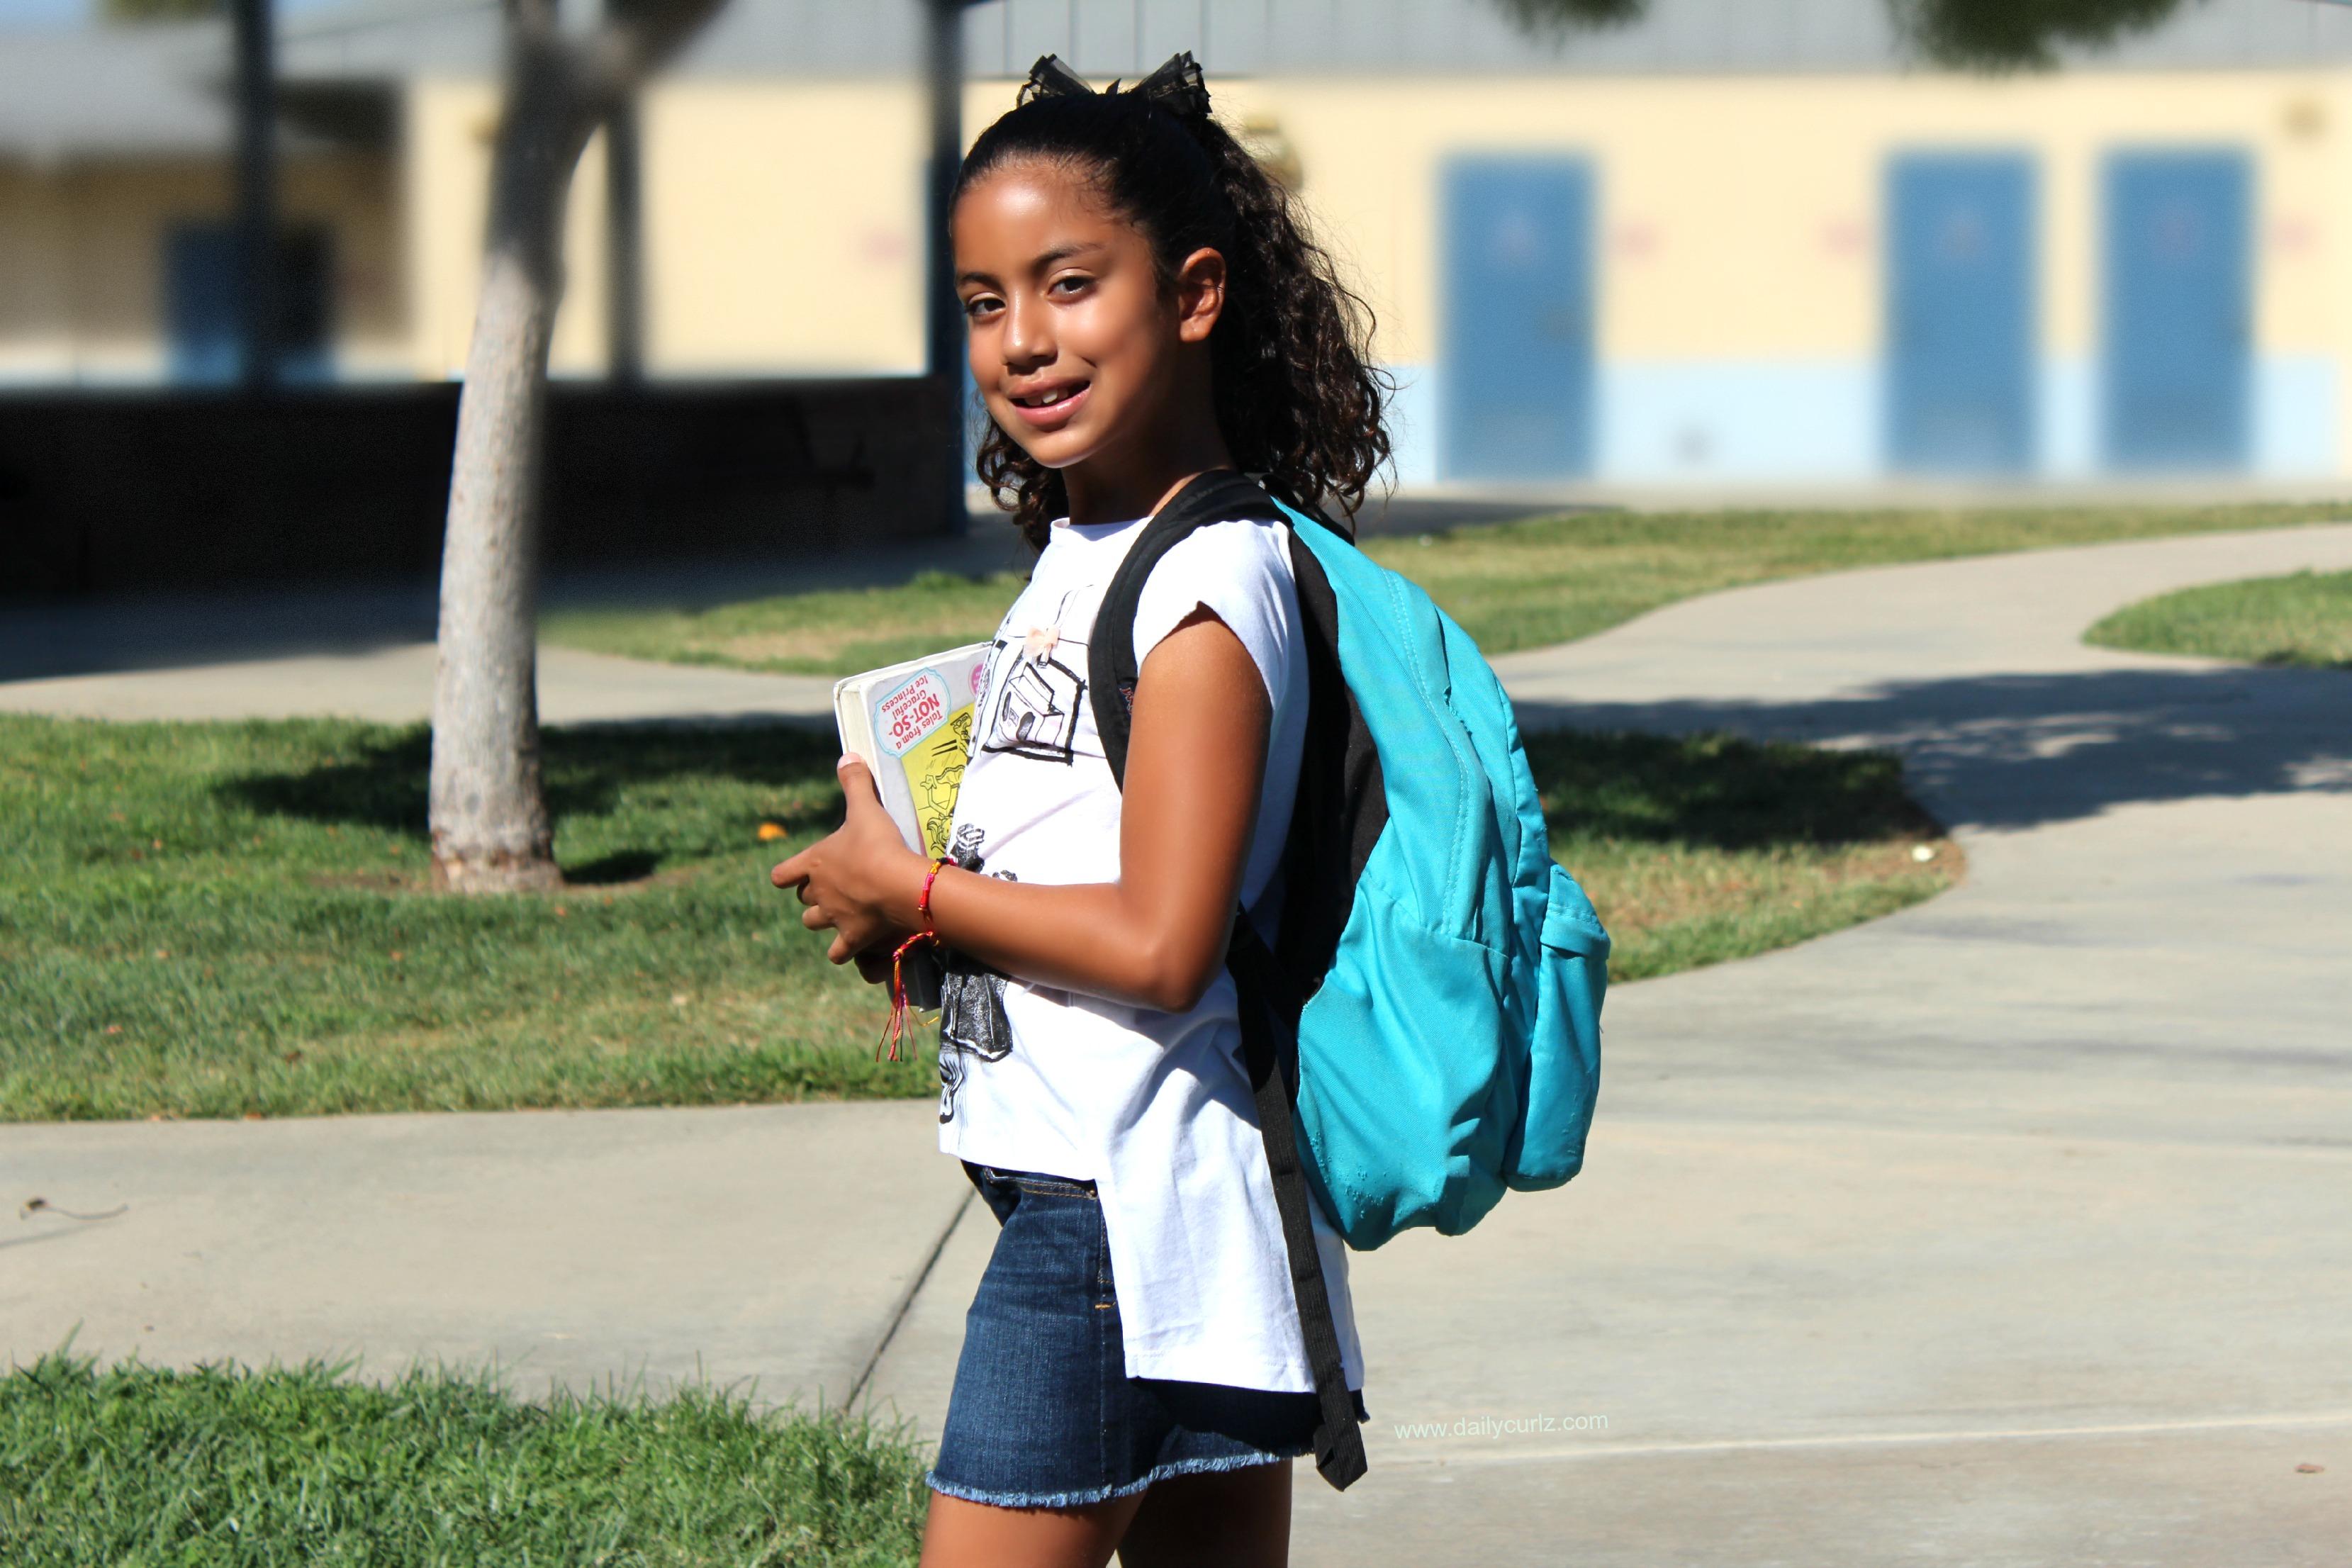 School is back in session-Dress for success / Regreso a Clases con estilo y confianza